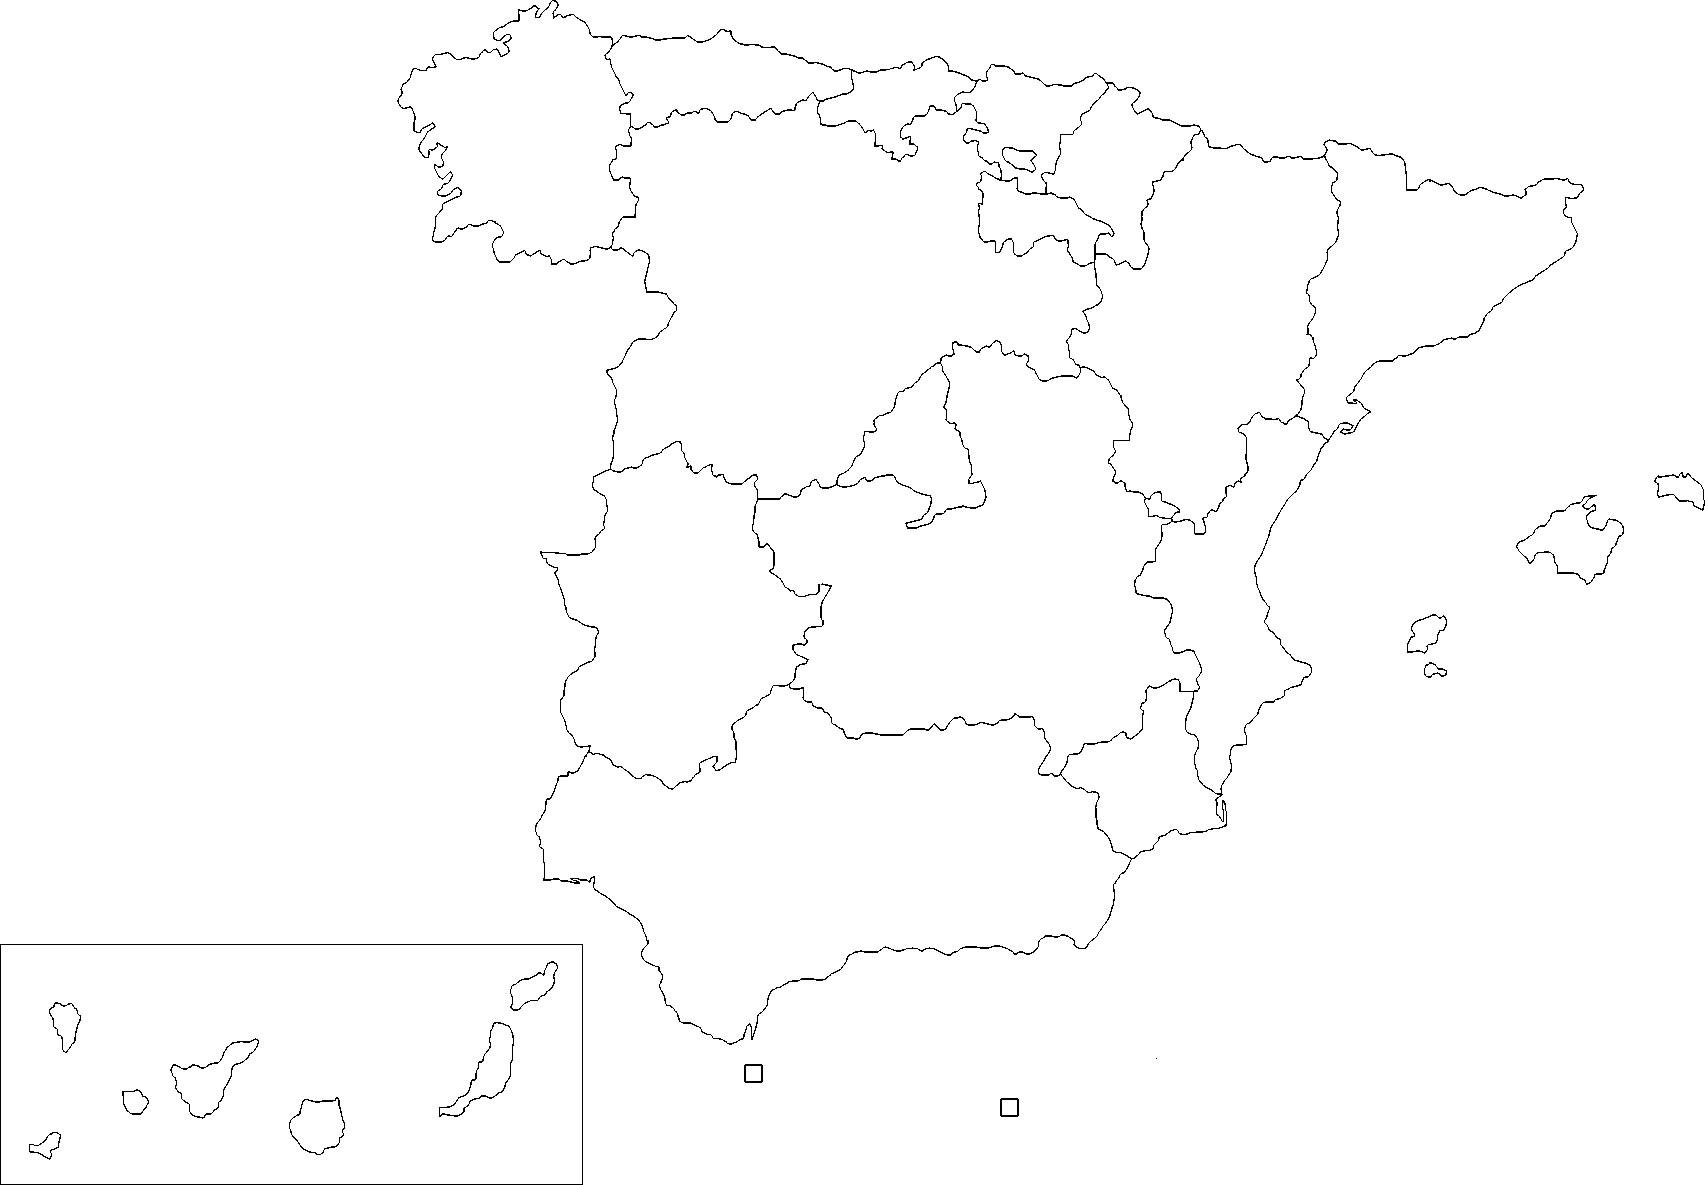 Carte Espagne Noir Et Blanc.Carte Espagne Vierge Regions Carte Vierge Des Regions De L